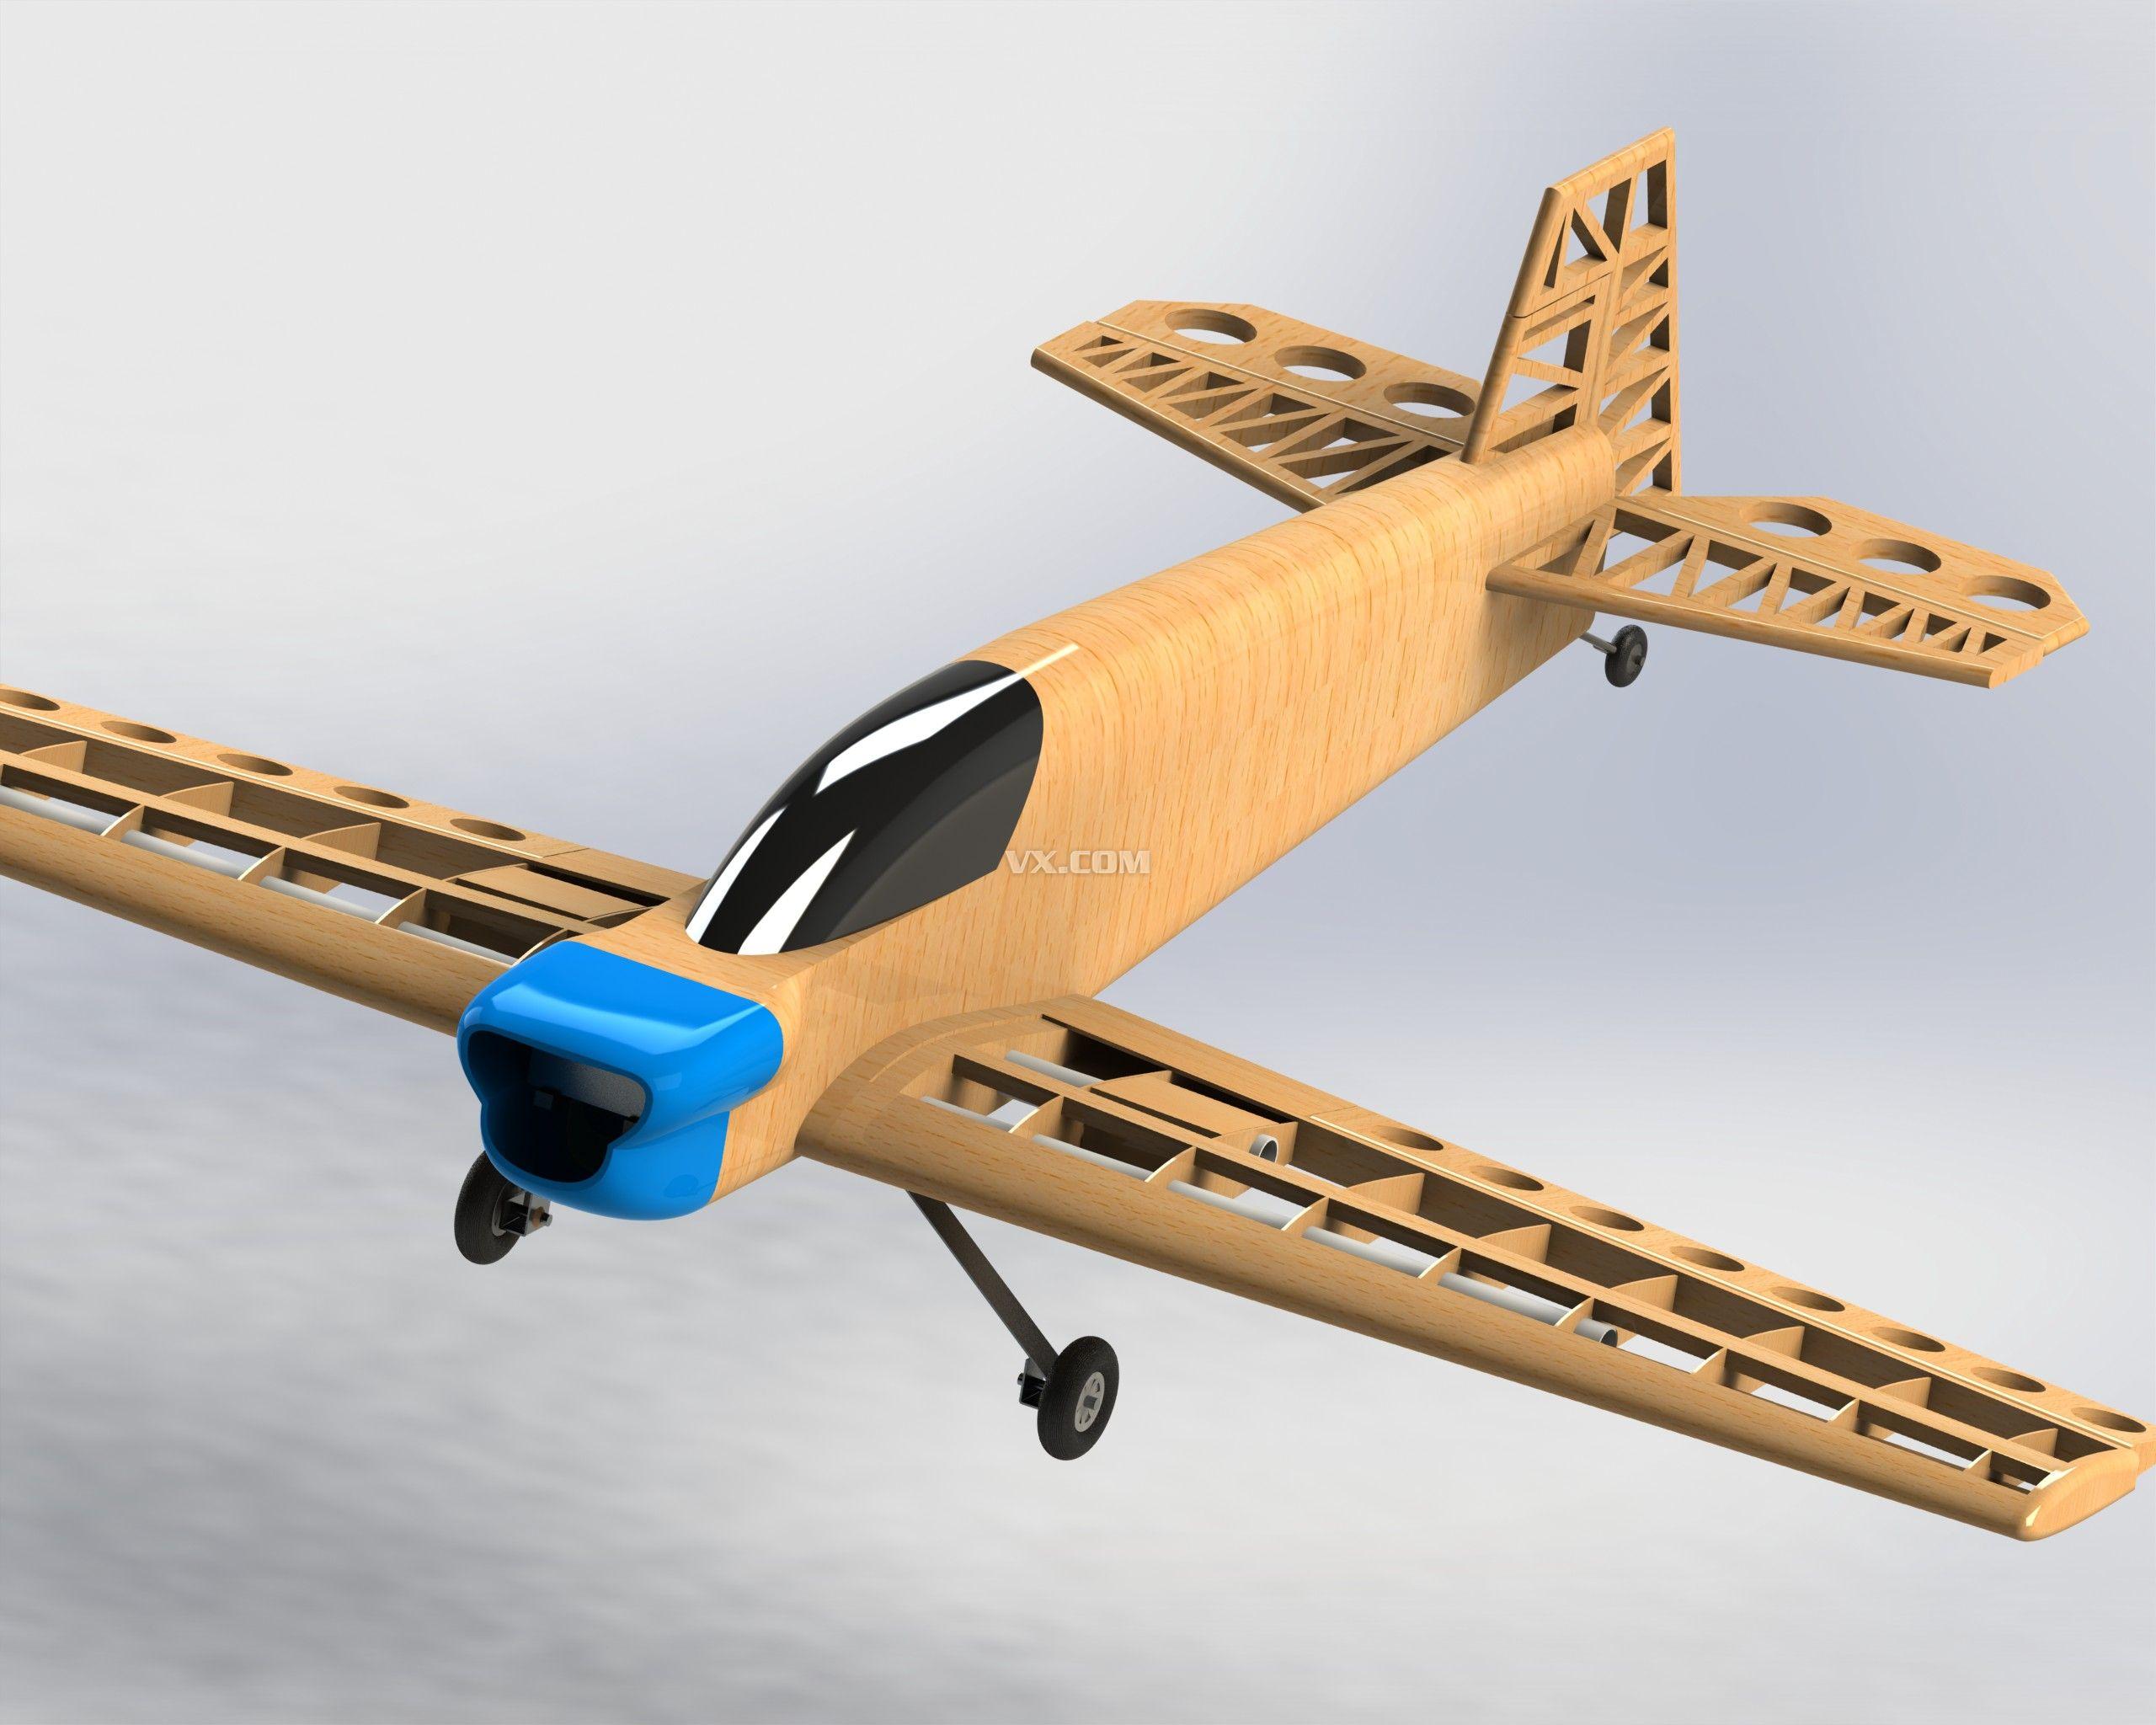 玩具飞机电路板